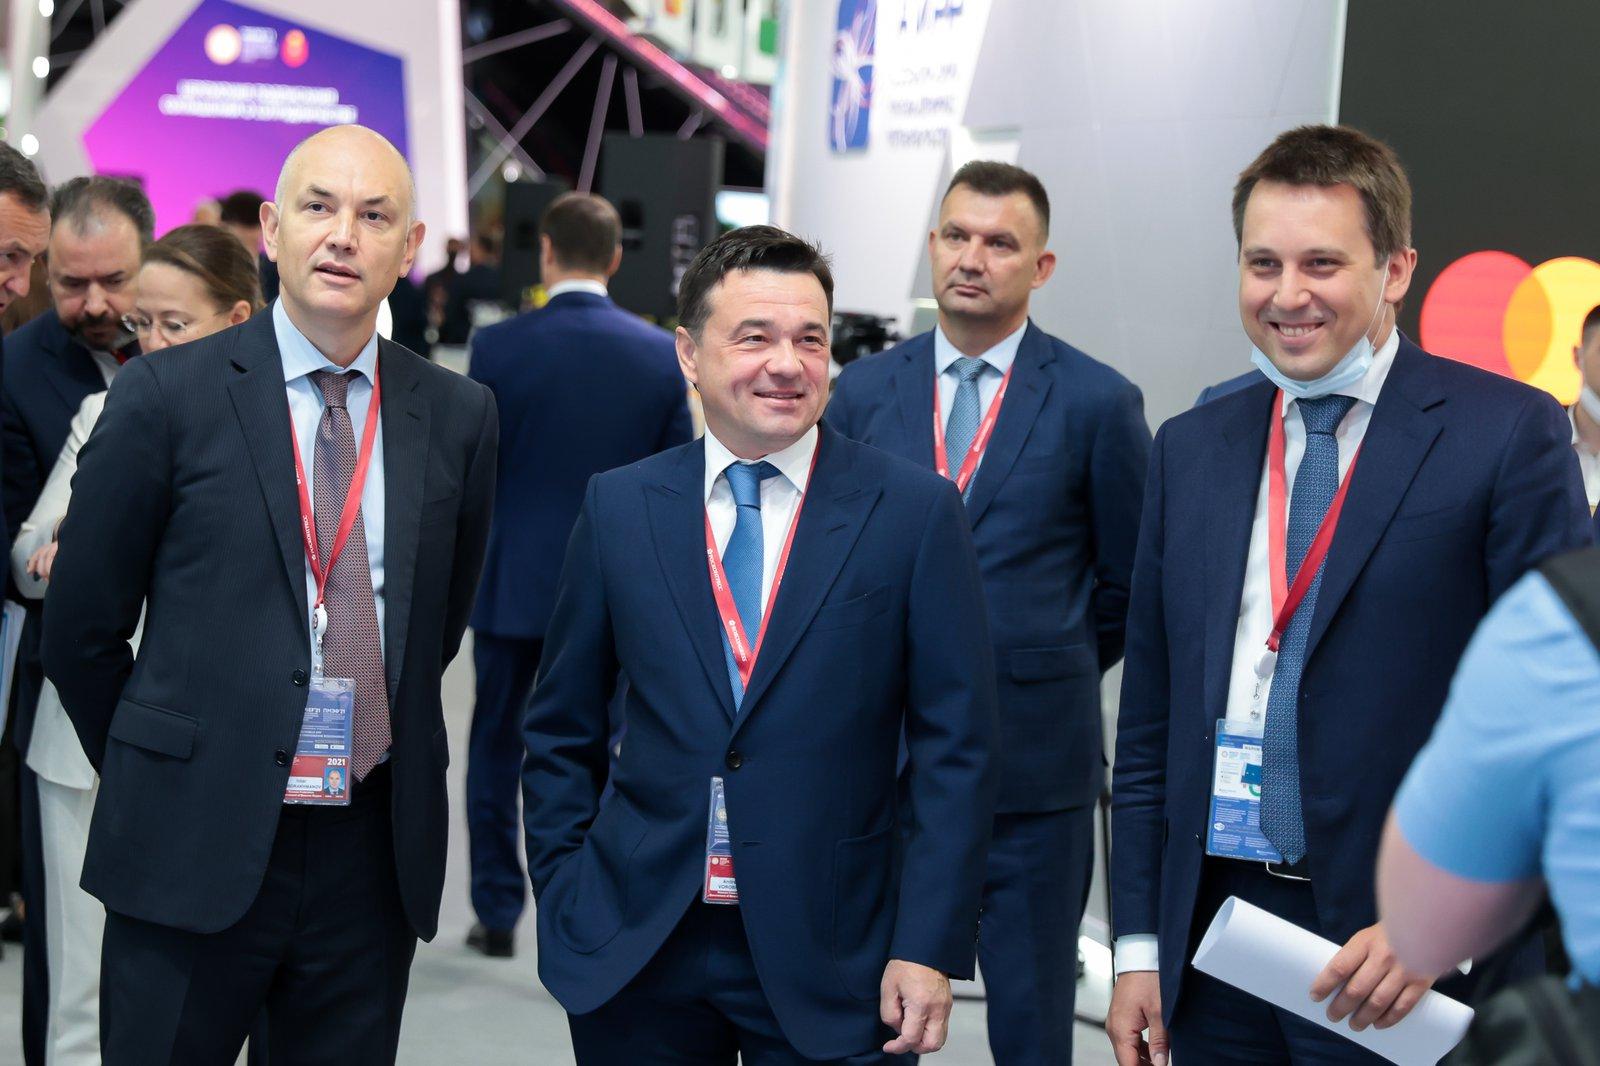 Андрей Воробьев губернатор московской области - Итоги первого дня ПМЭФ-2021: инвестиции в цифровизацию, сотни рабочих мест и новые производства